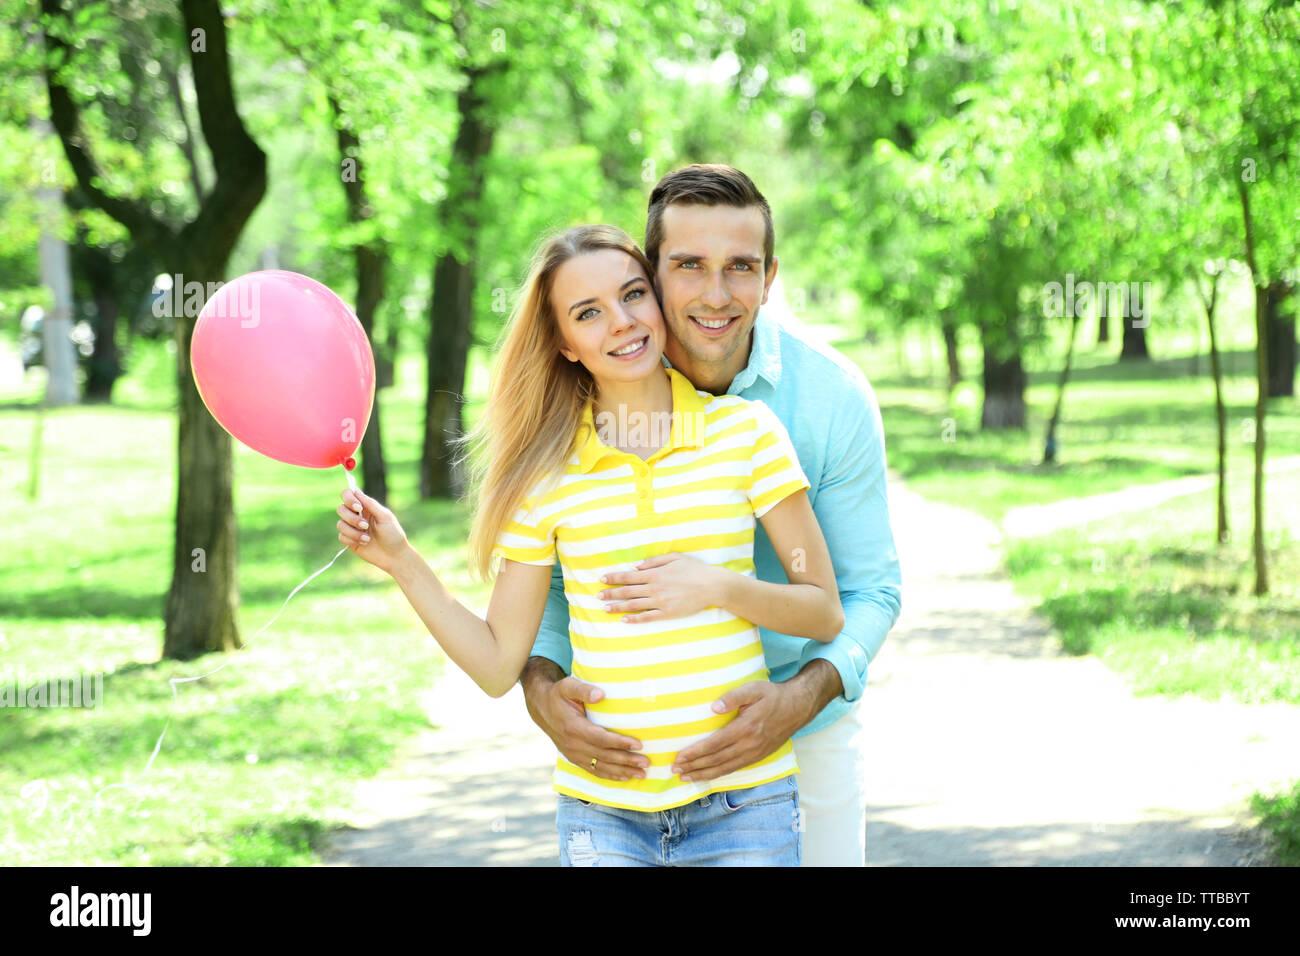 Balloon Belly Stock Photos & Balloon Belly Stock Images